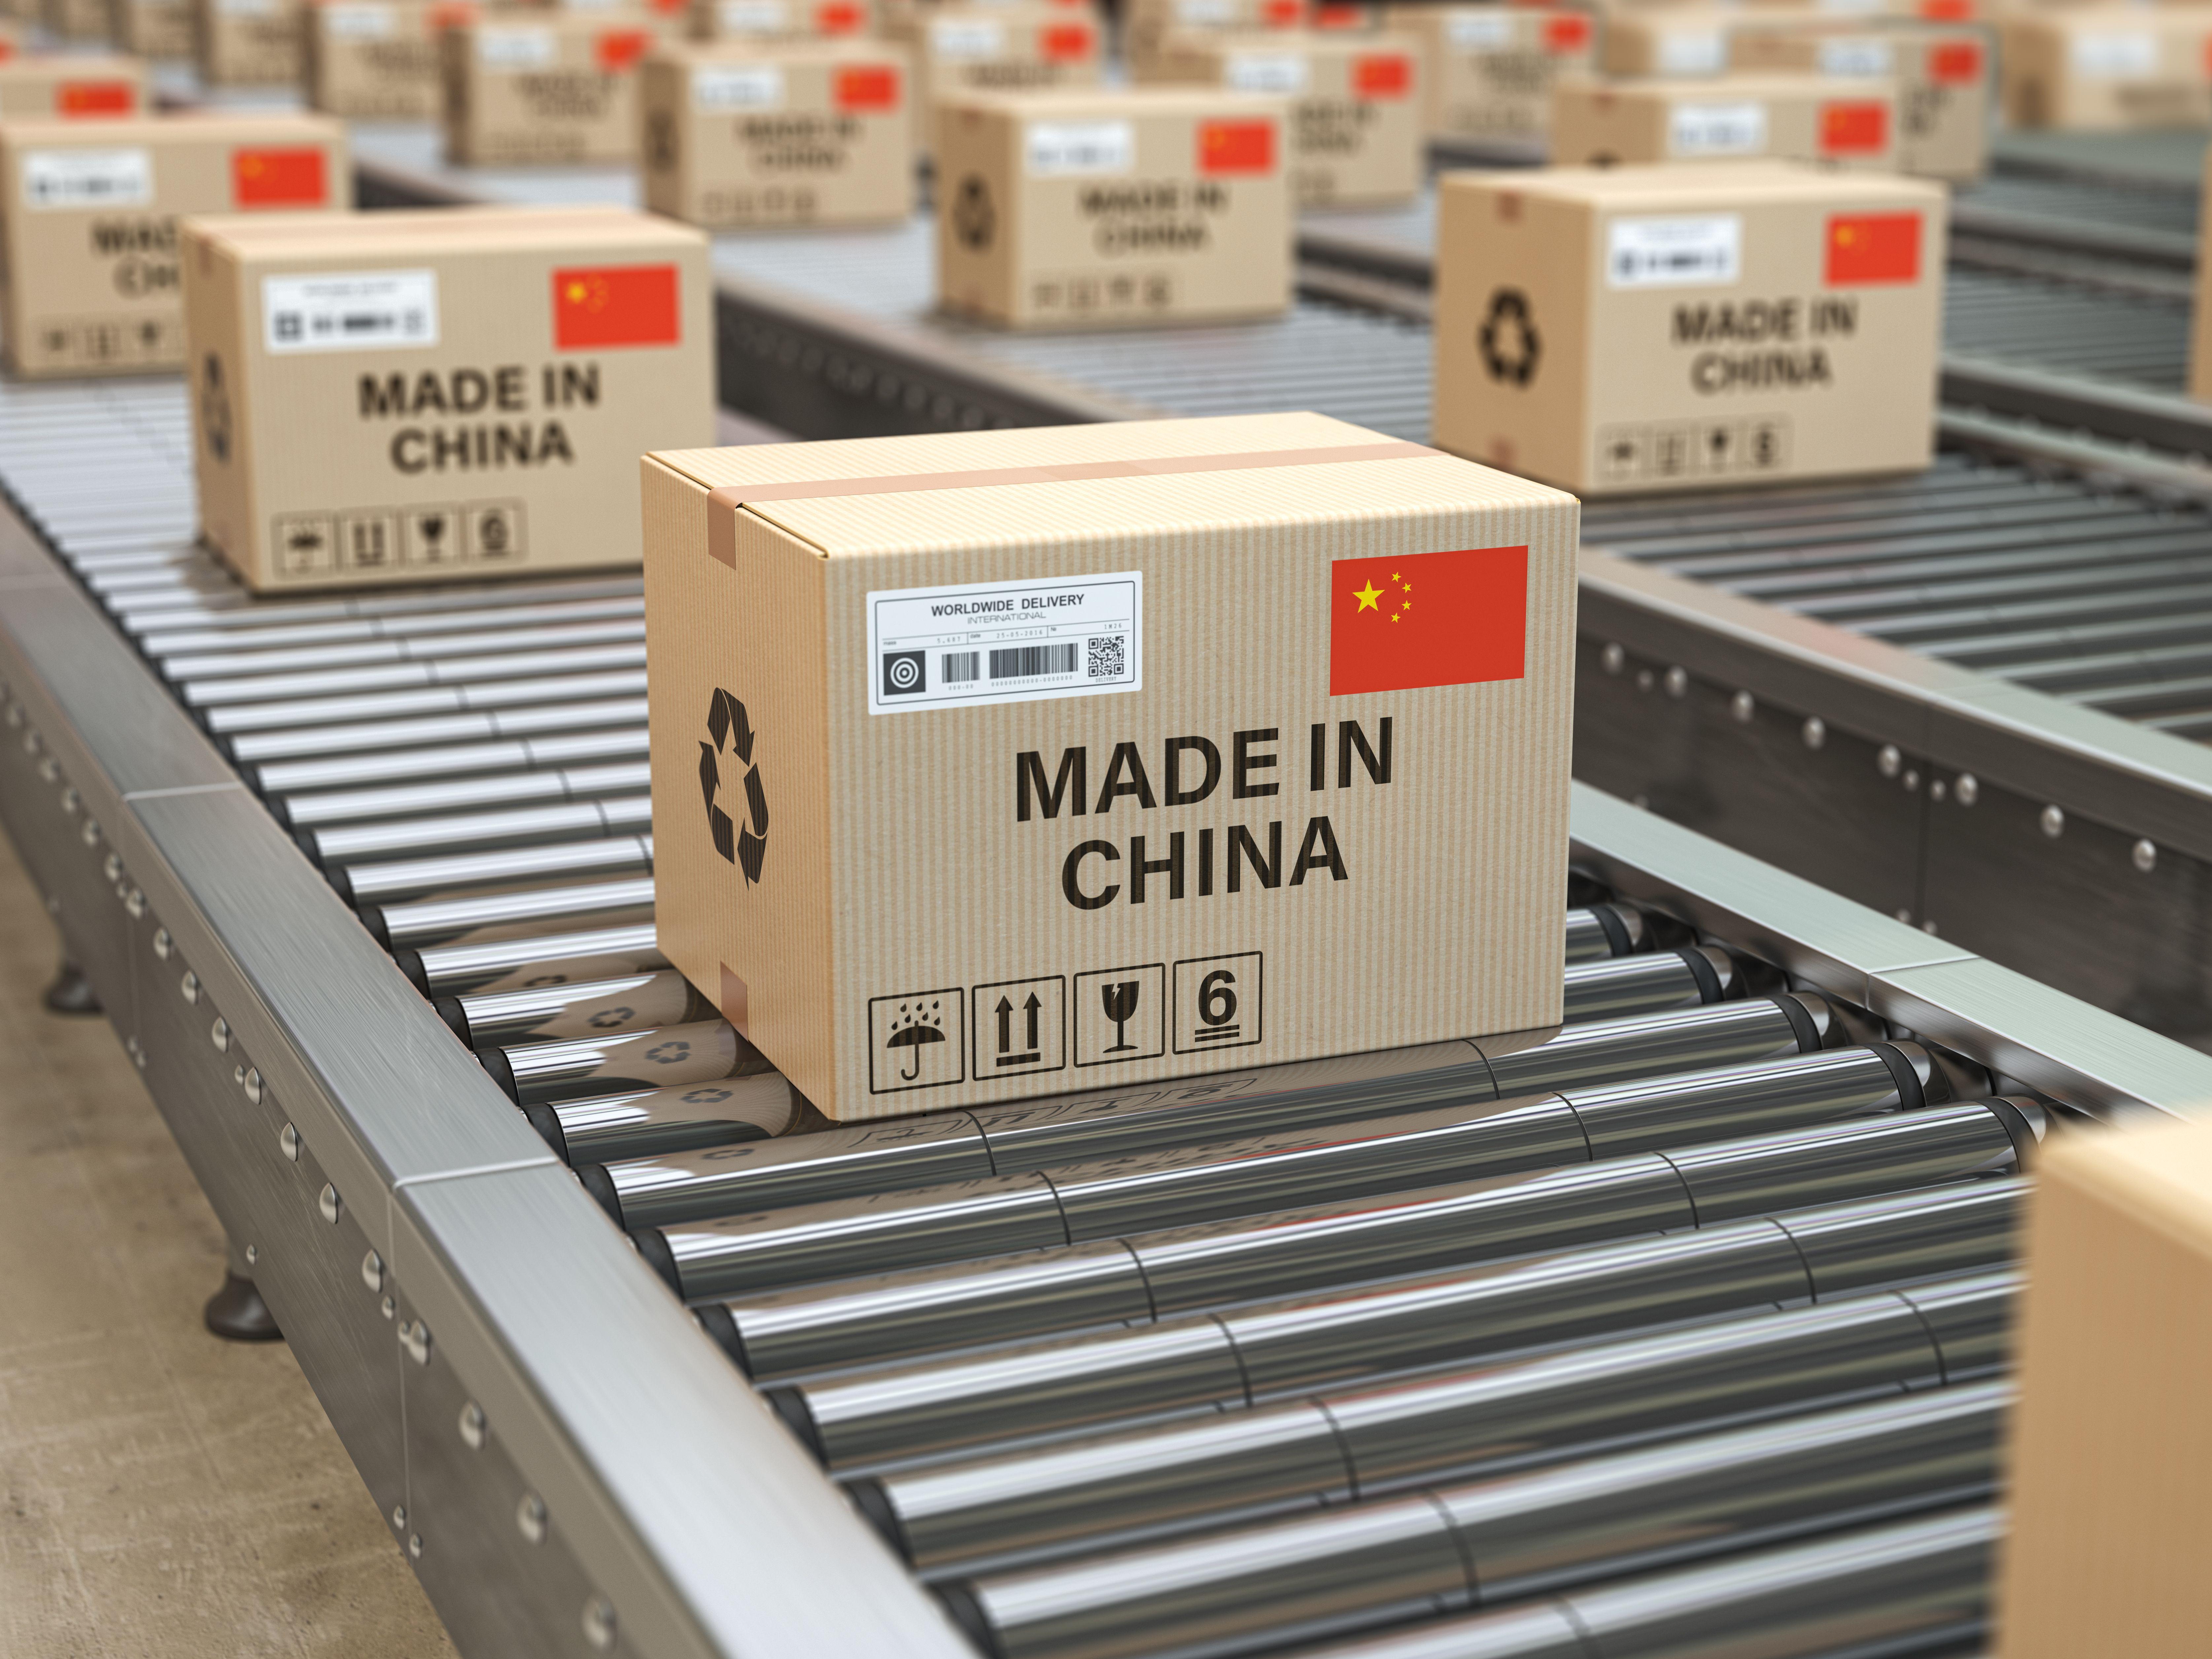 Kiedy w ostatnich miesiącach same Chiny stały się celem różnorodnych sankcji, władze w Pekinie uznały, że muszą się bronić przed zewnętrznym zagrożeniem (fot. Shutterstock)